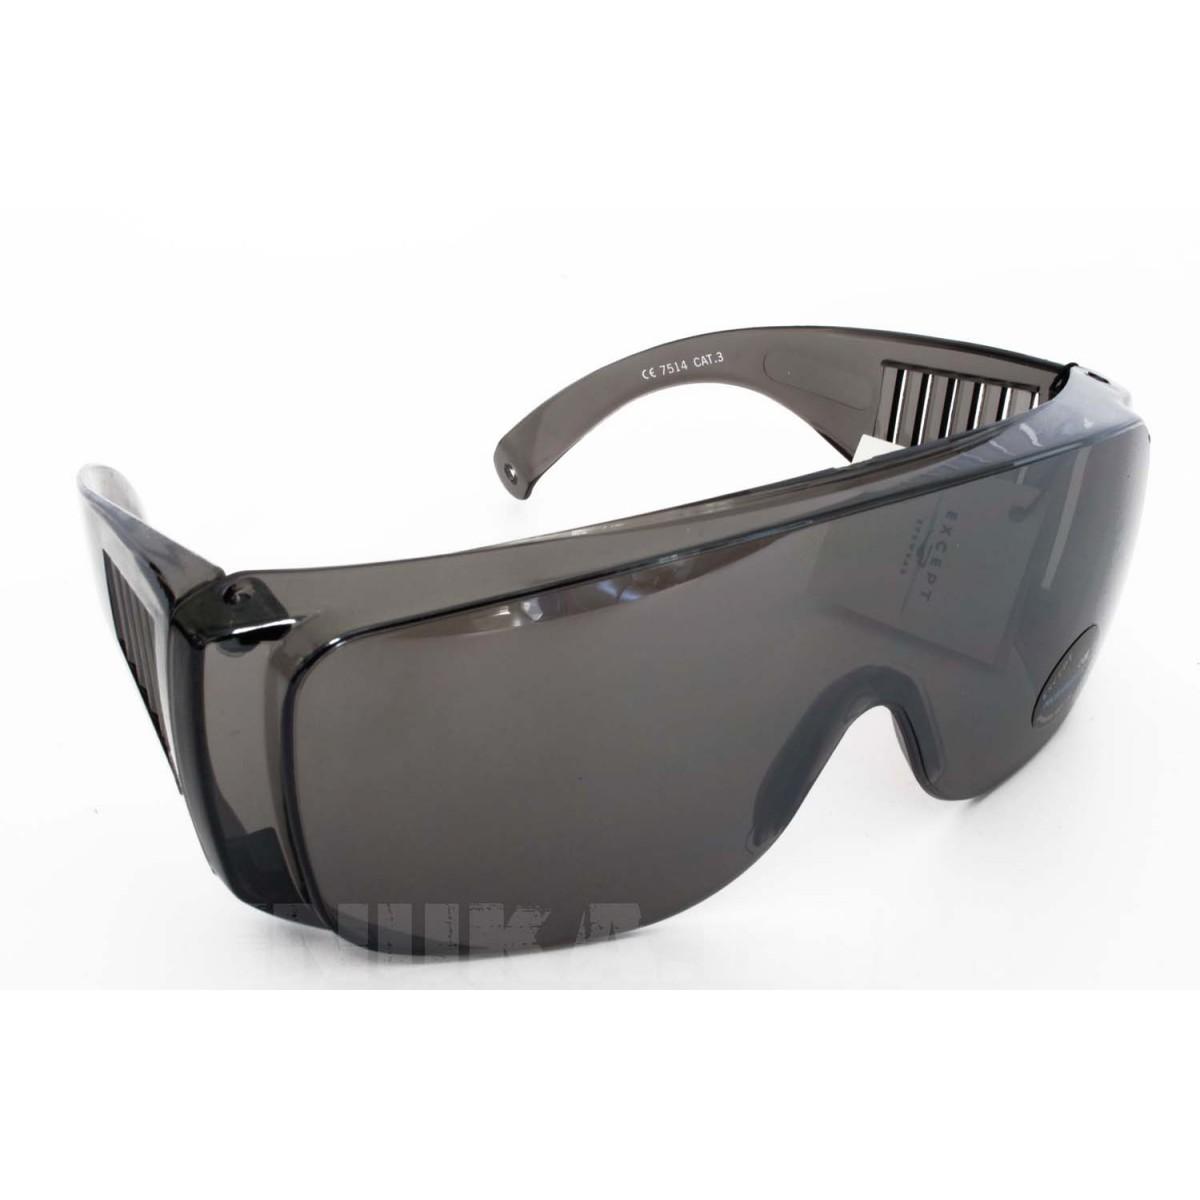 surlunettes de soleil pour porteur de lunettes de vue. Black Bedroom Furniture Sets. Home Design Ideas